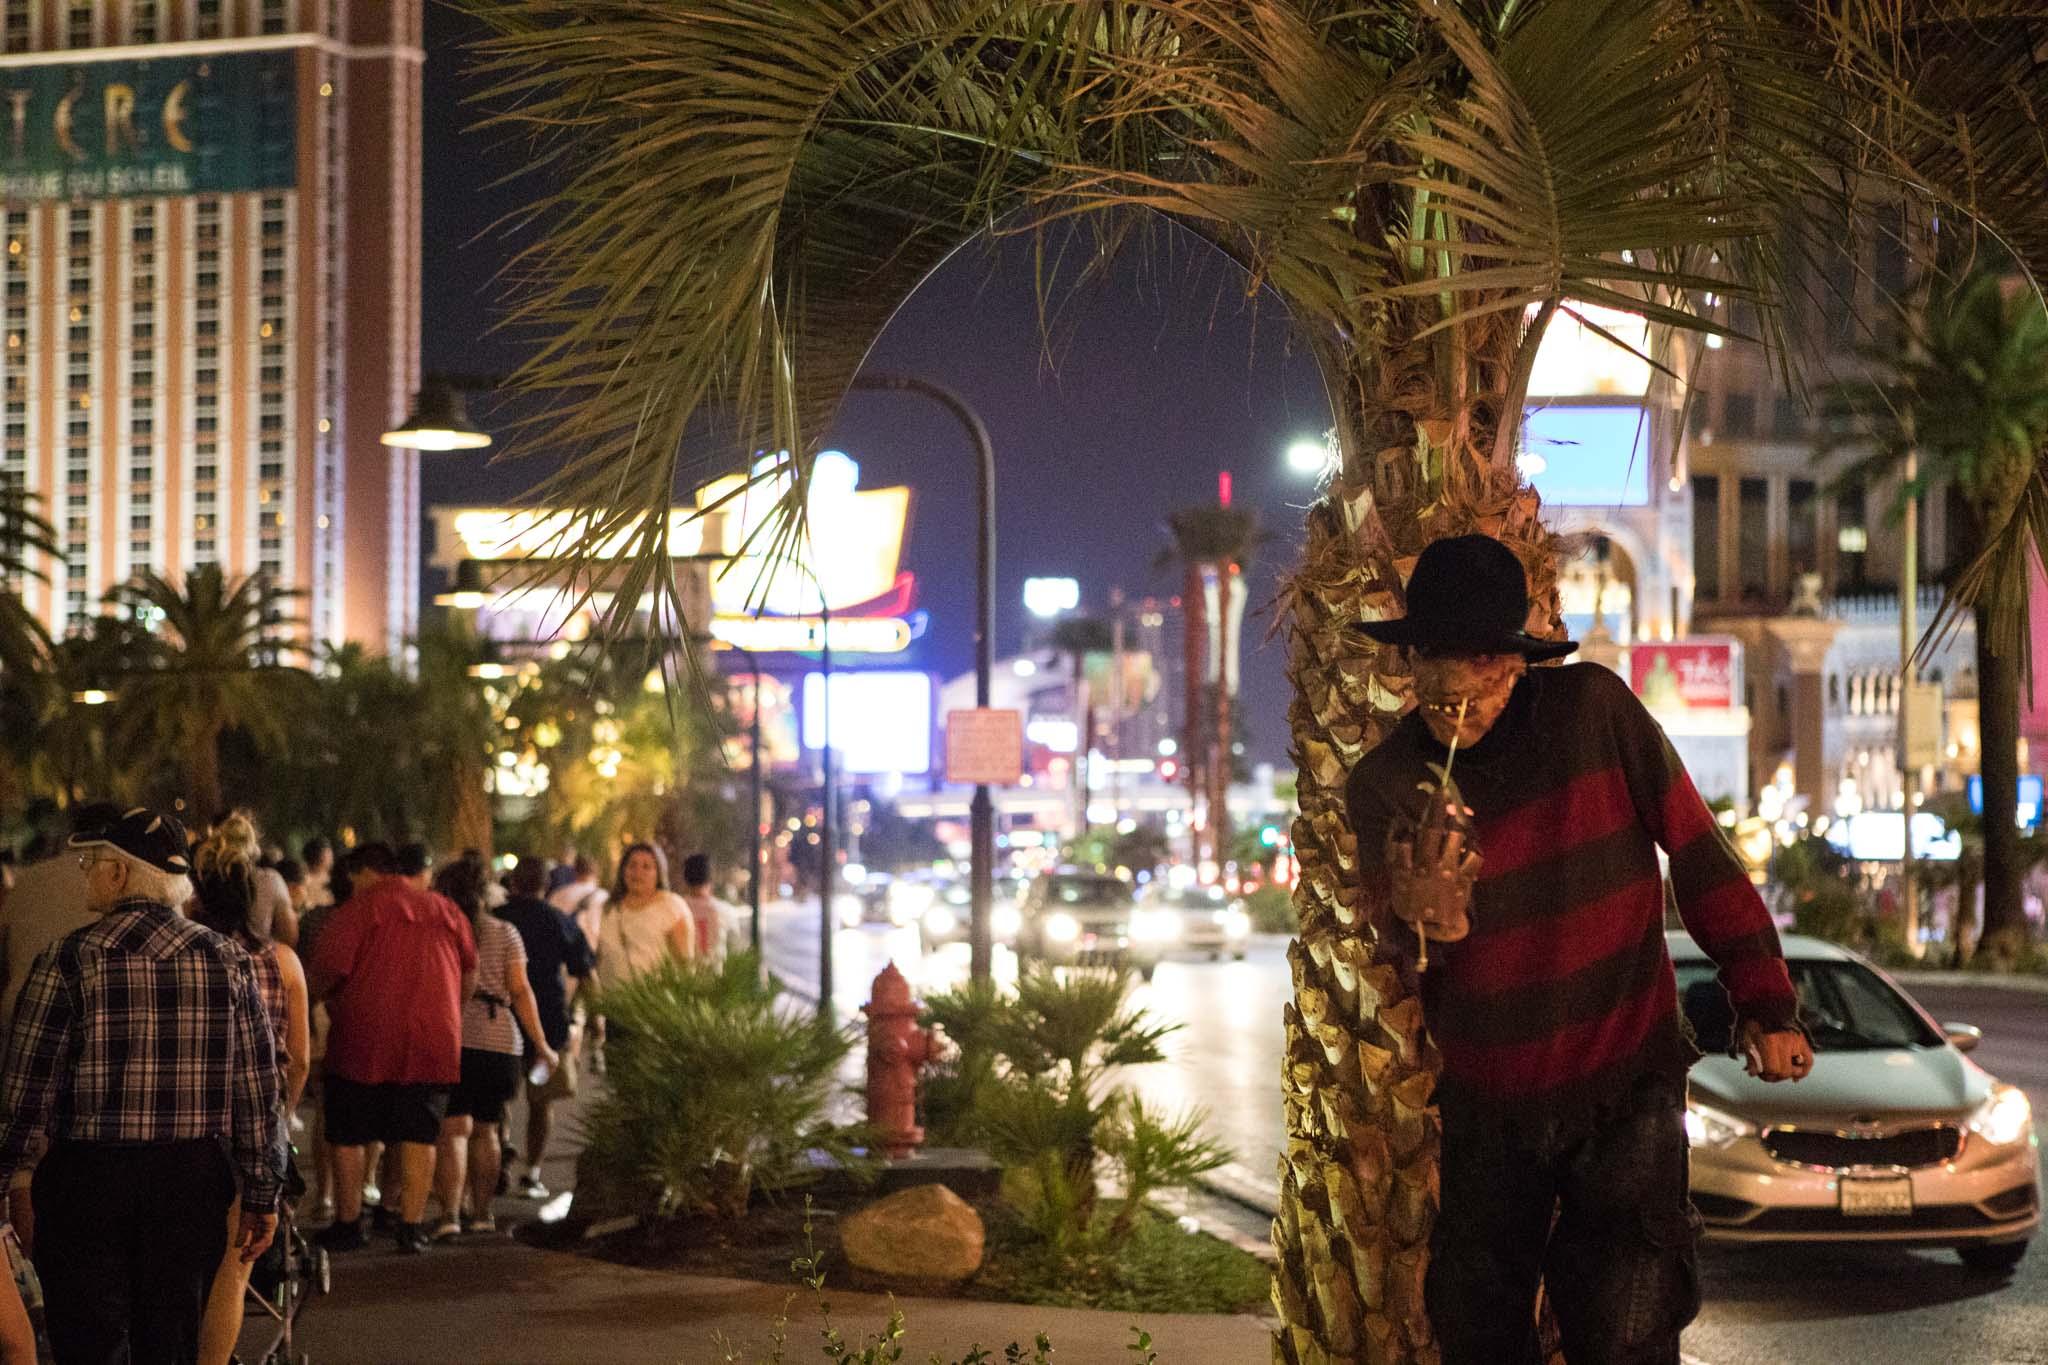 scarecrow street performer being rude on the strip in Las Vegas.jpg